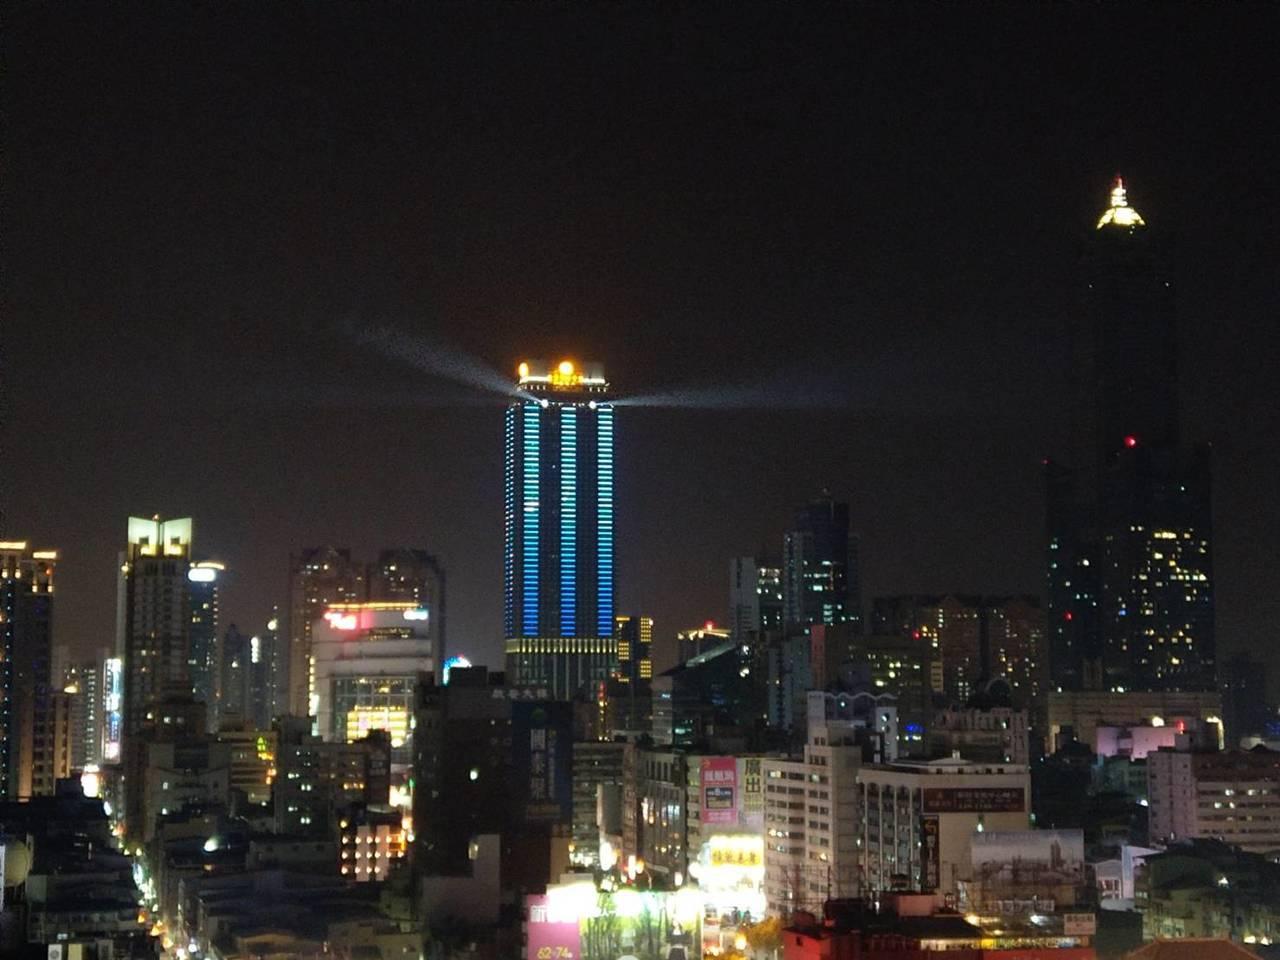 遠雄企業在高雄推新地標,今天晚上在高雄舉辦遠雄THE ONE點燈儀式,在地上 6...